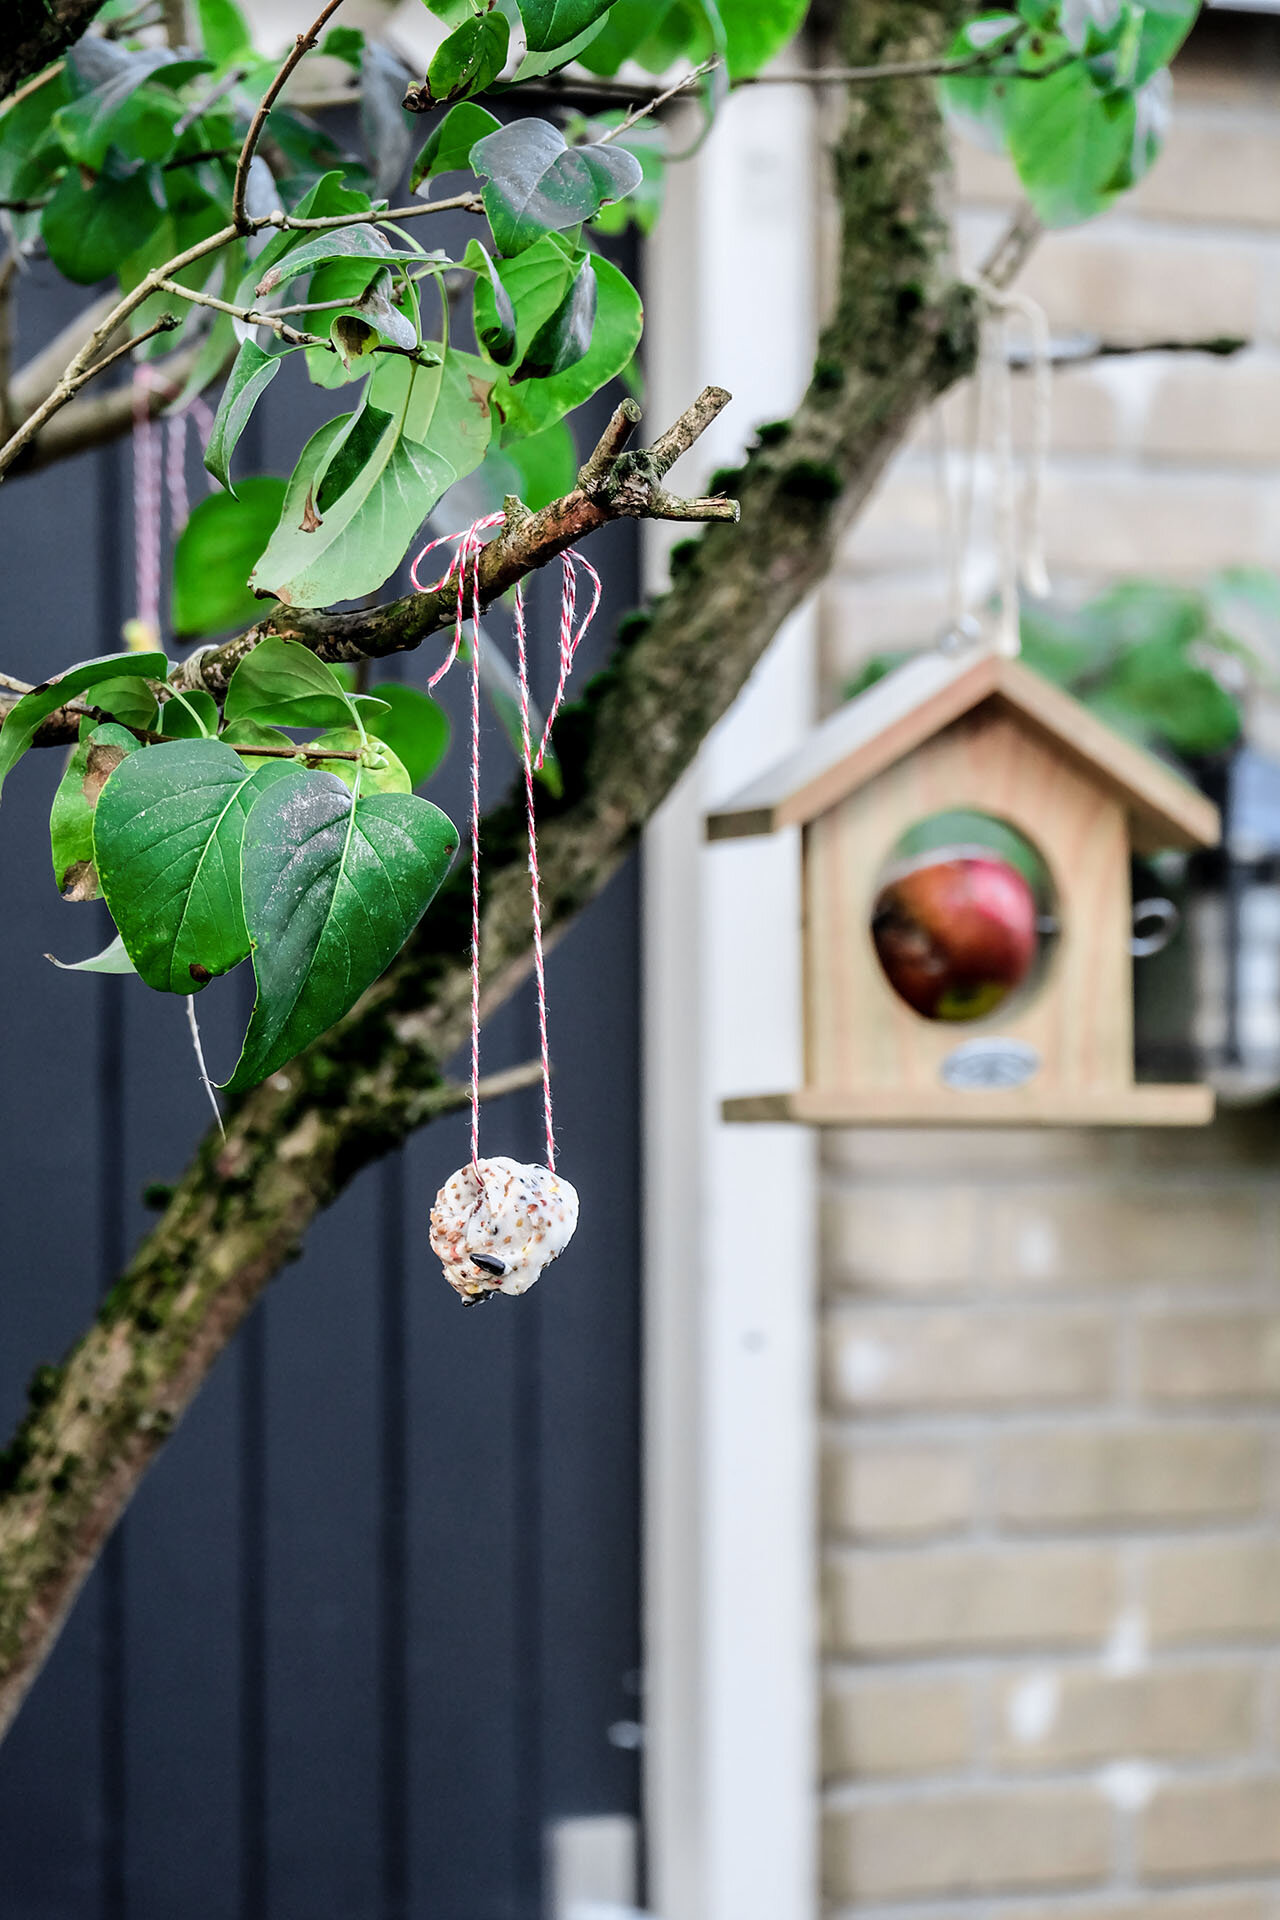 Vogelvoerhanger opgehangen1.jpg